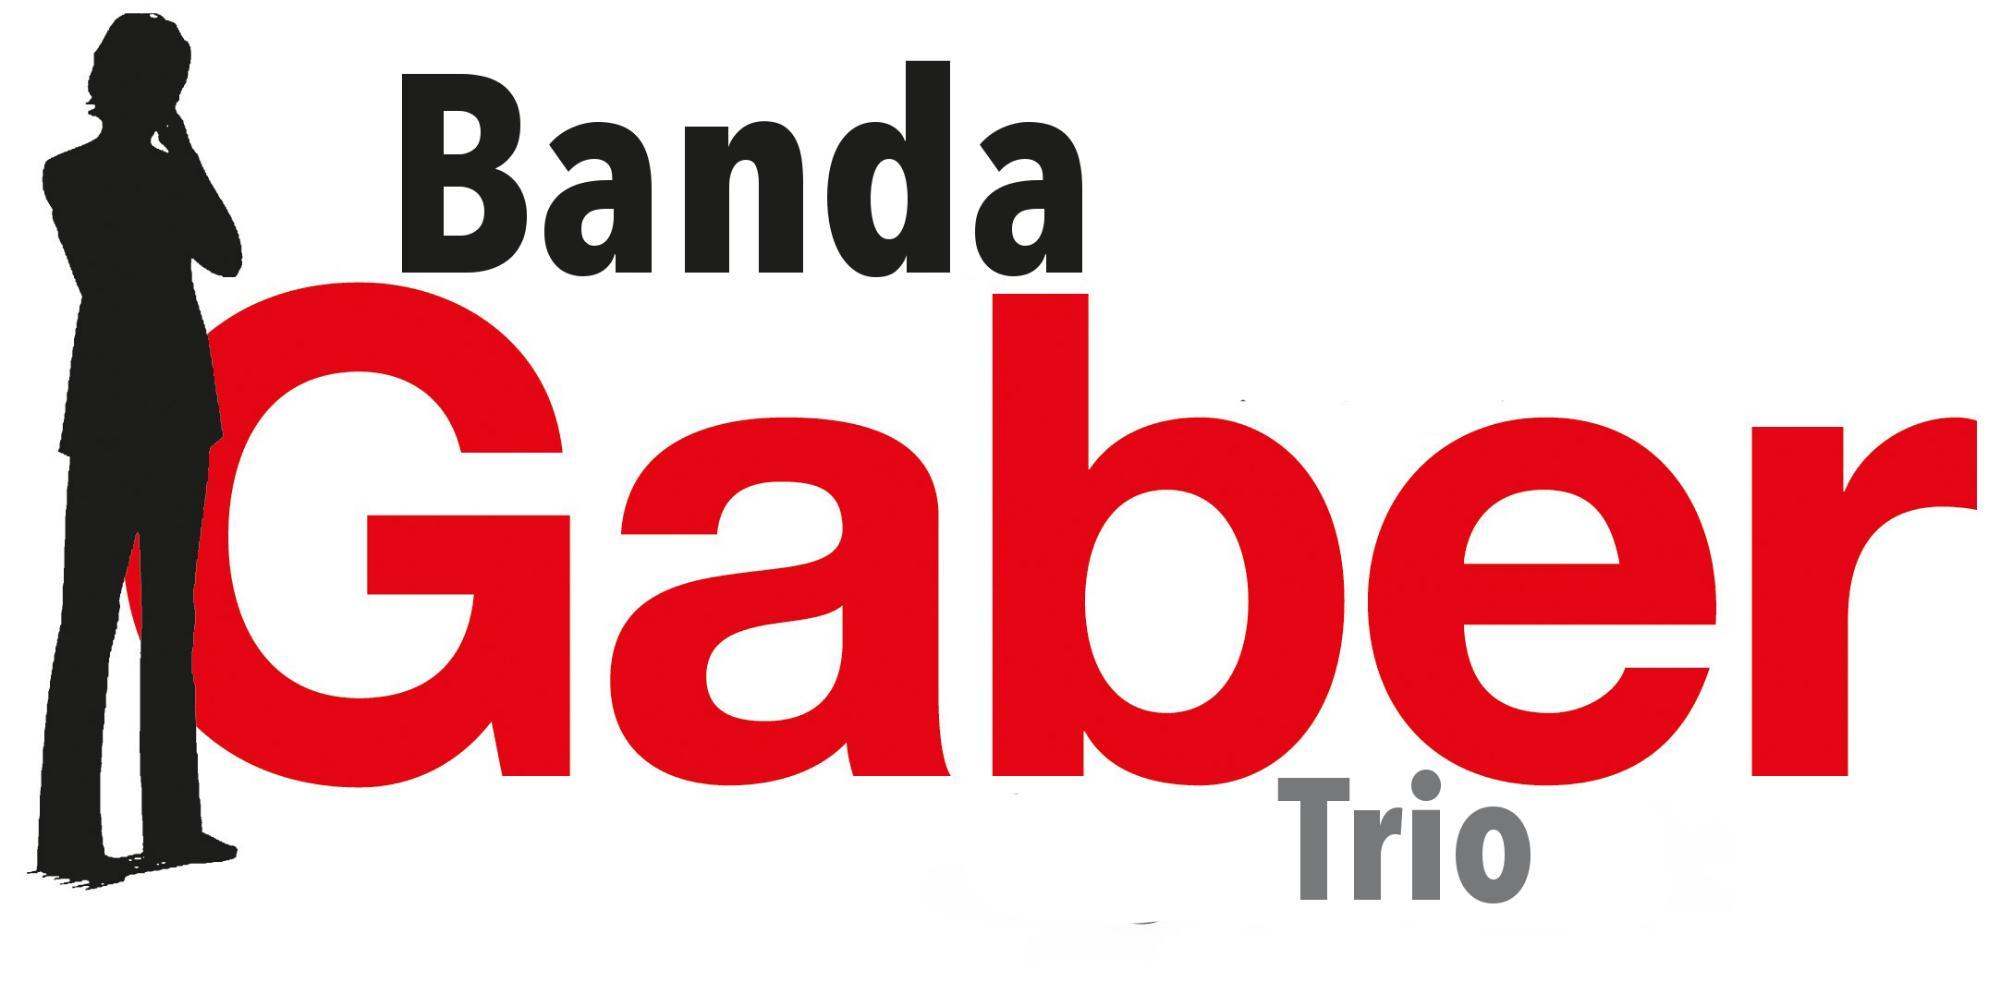 BANDAGABER TRIO